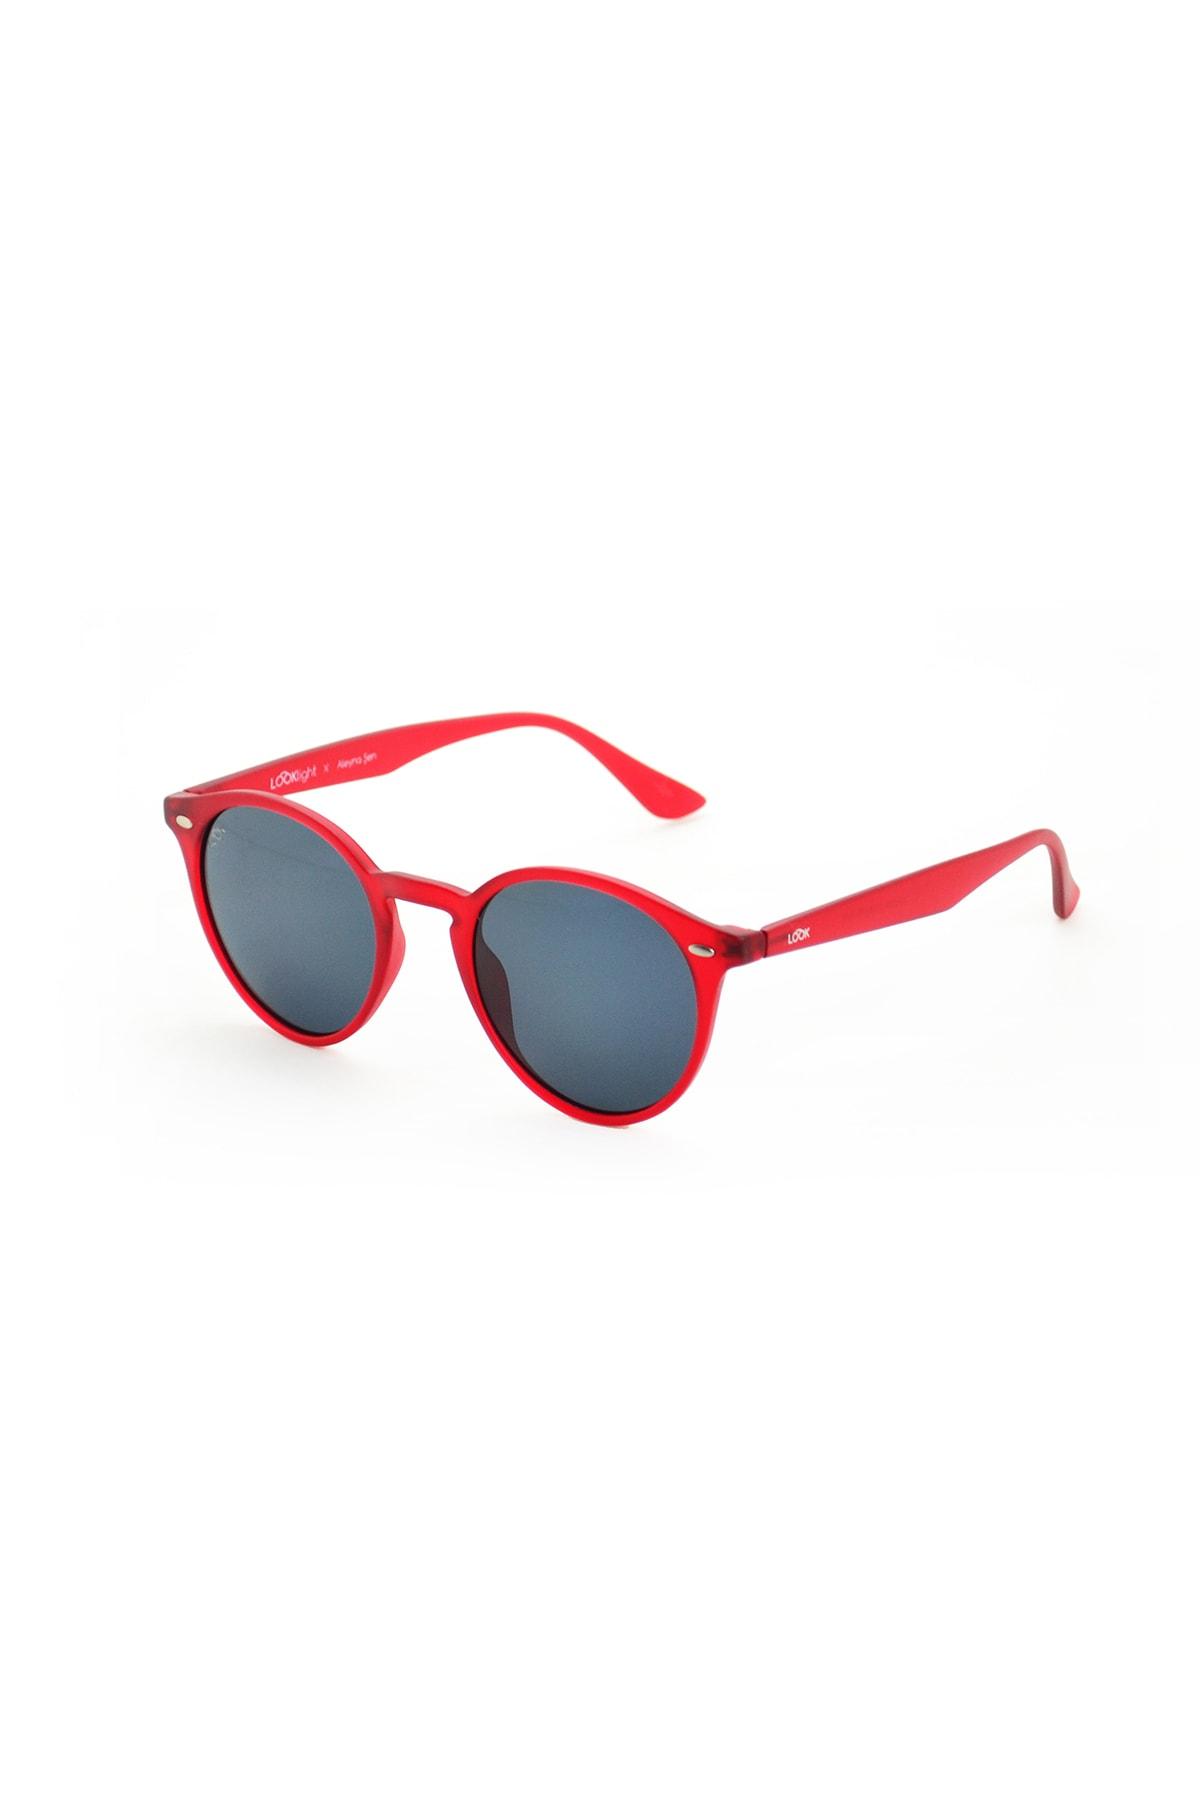 خرید اینترنتی عینک آفتابی بلند برند LOOKlight رنگ قرمز ty76142687